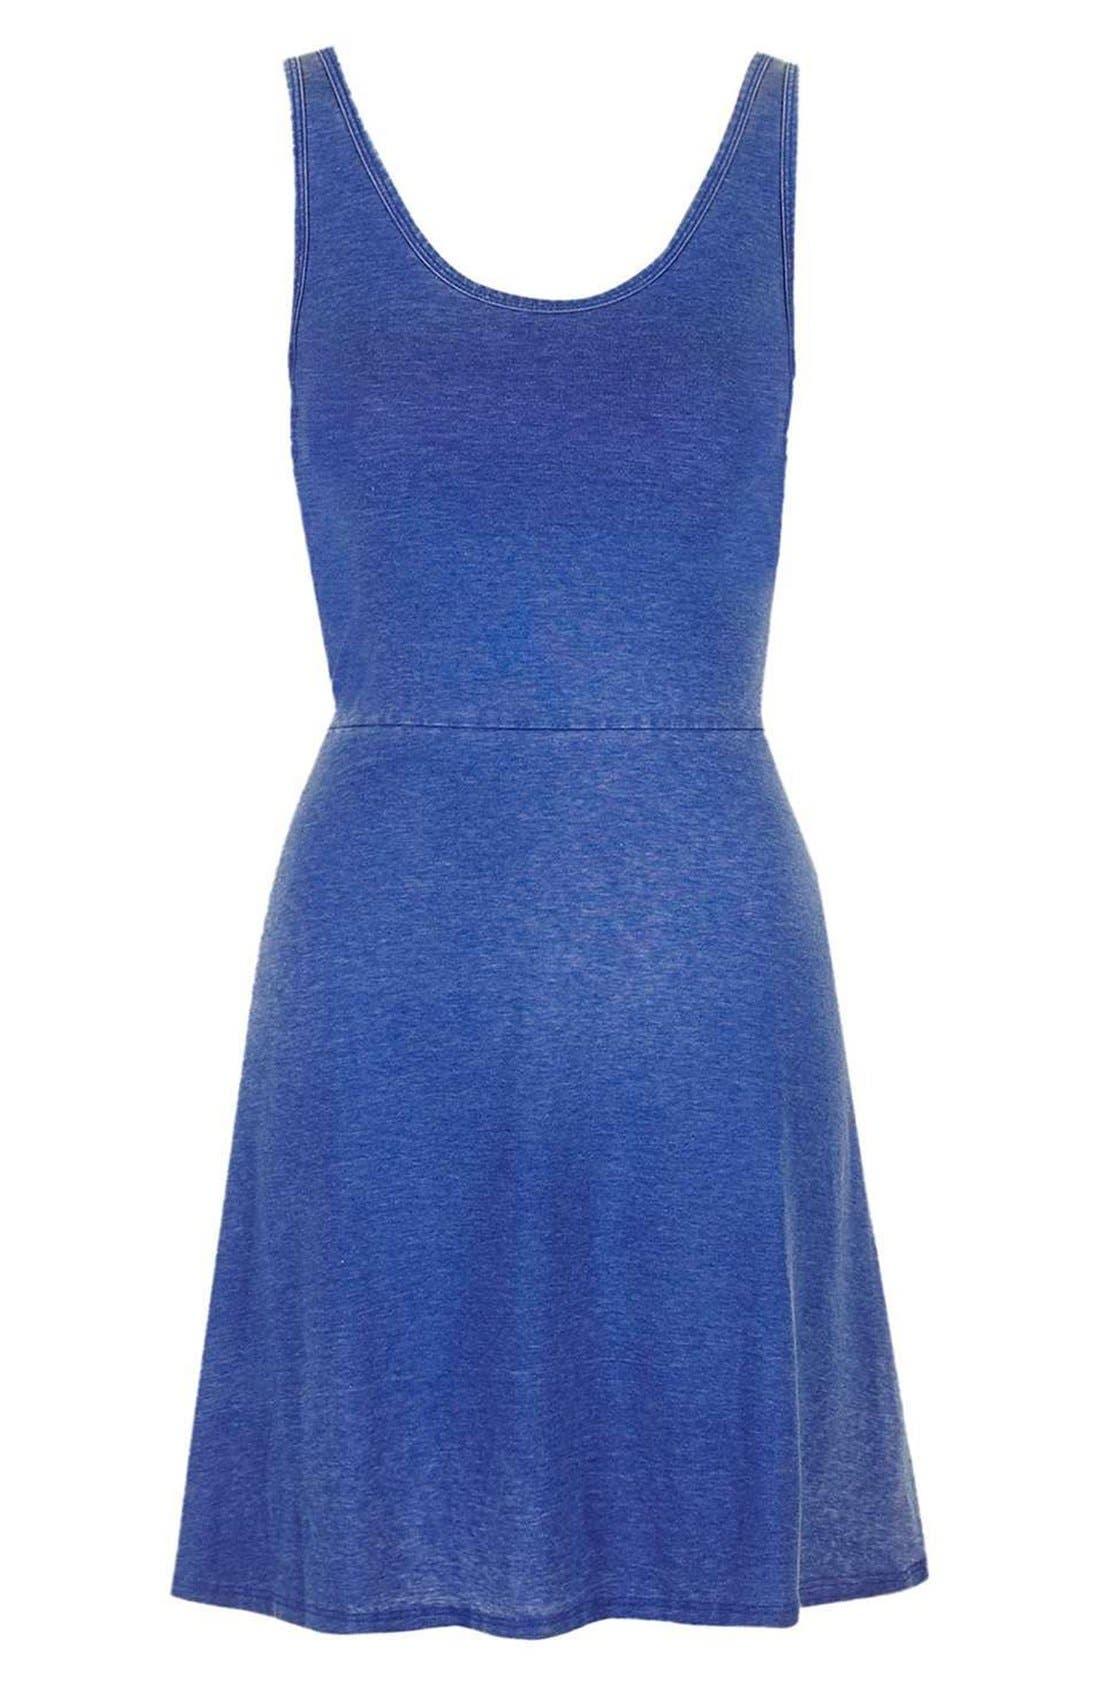 Alternate Image 1 Selected - Topshop Burnout Jersey Skater Dress